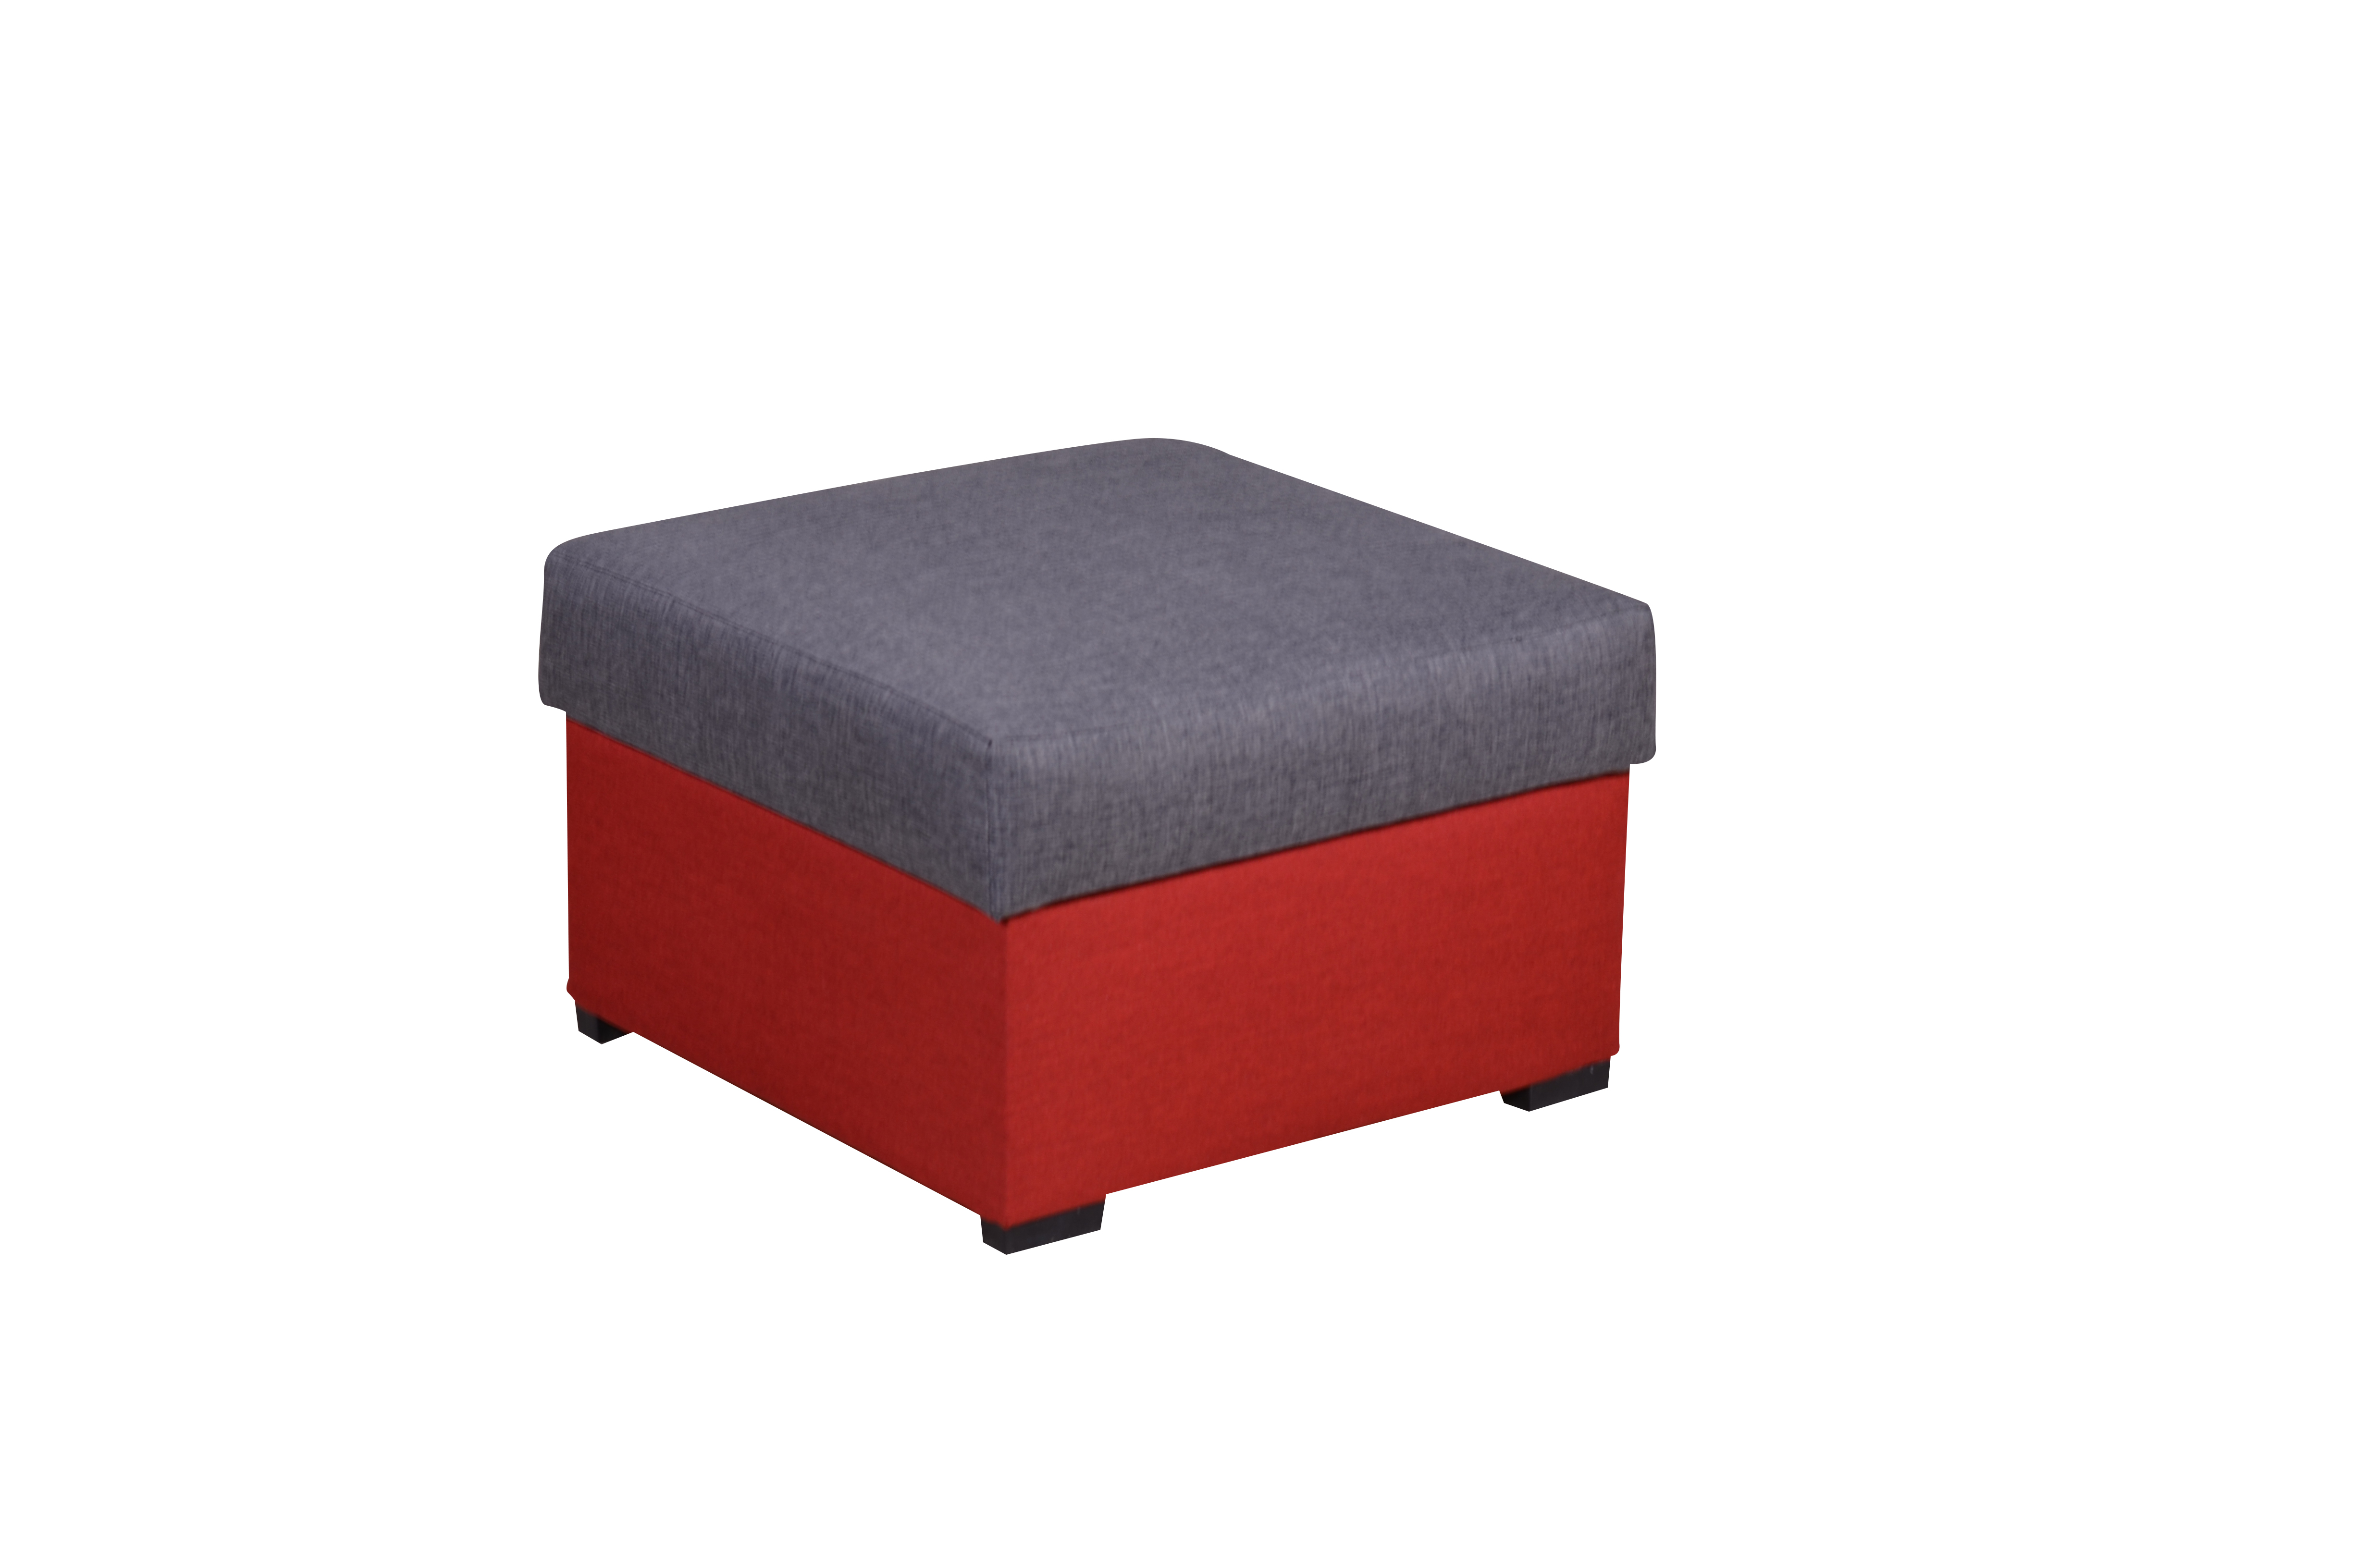 SmartShop Taburet MORY KORNER, šedá/červená, (šxhxv): 60x60x39 cm